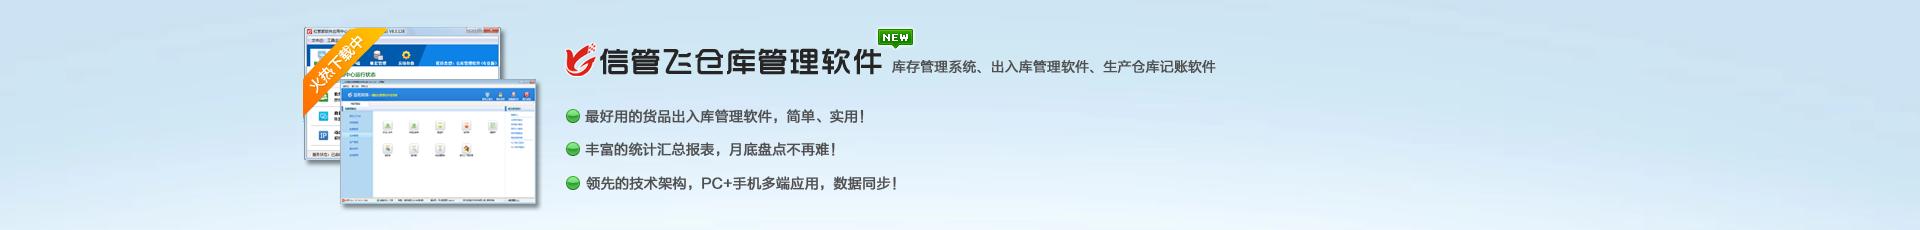 信管飞仓库管理软件V9.2.419发布